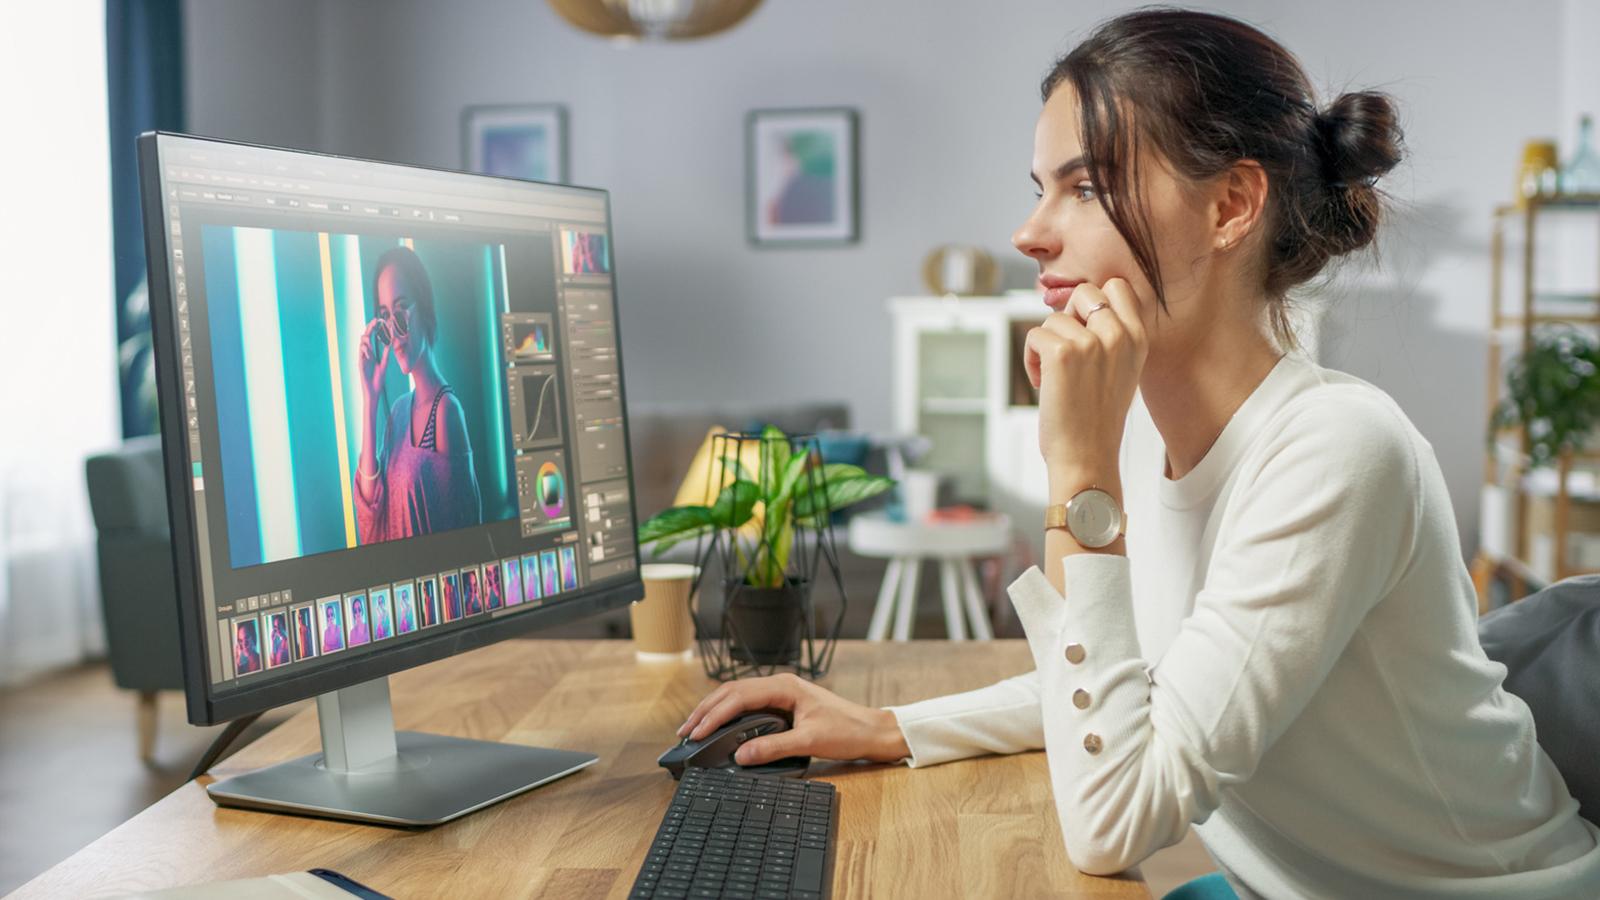 hogyan lehet pénzt keresni a számítógépen keresztül